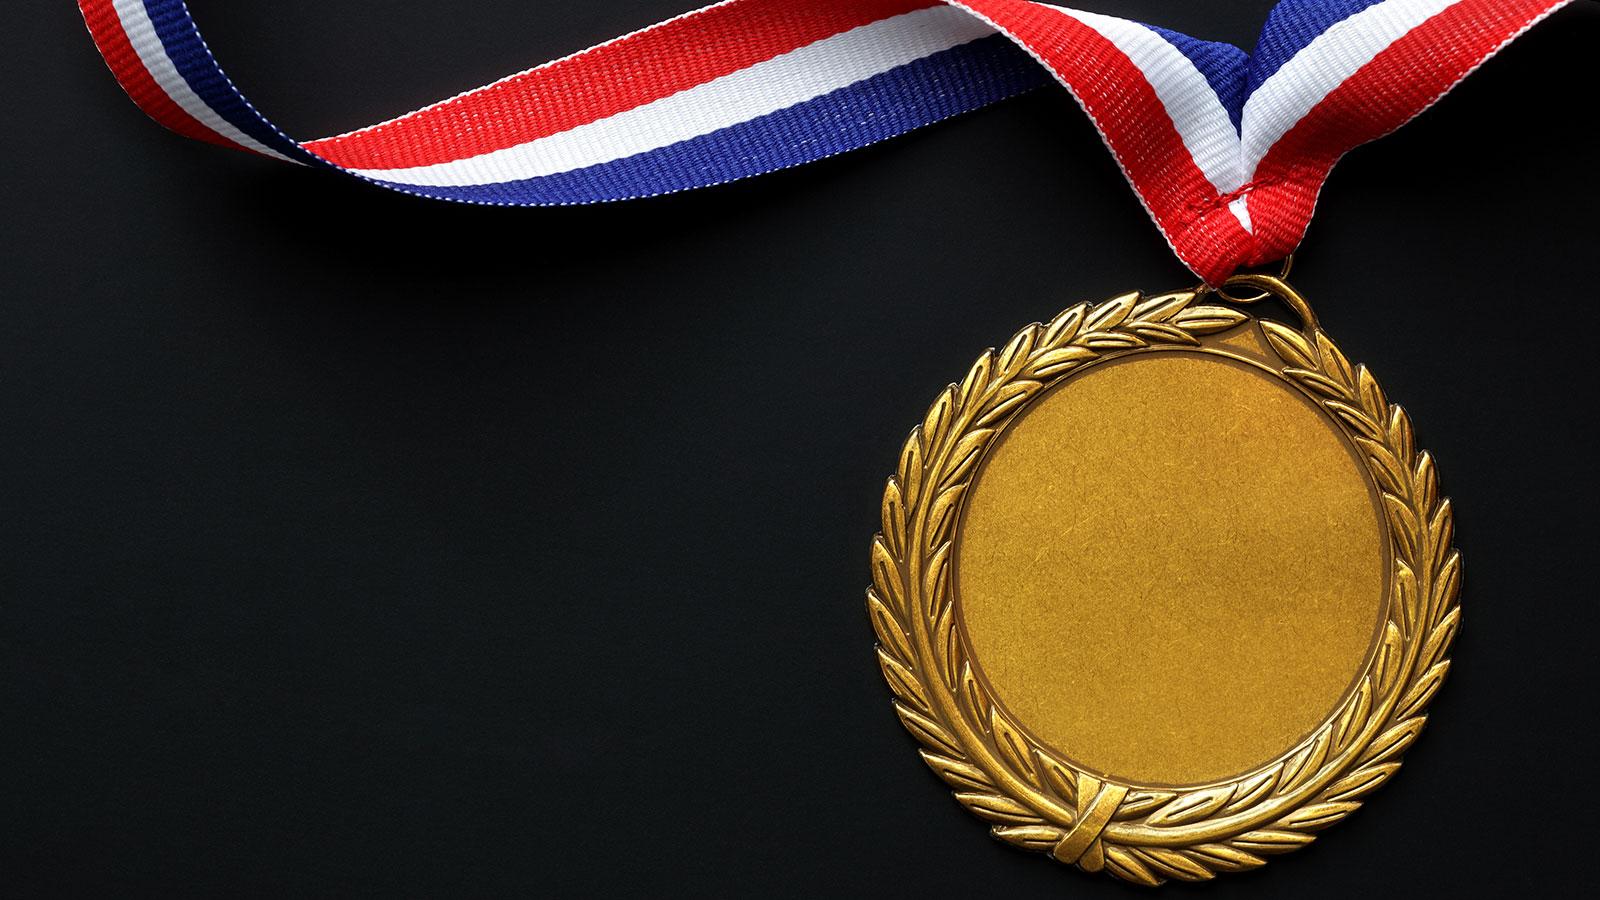 médaille d'or avec un ruban bleu, blanc et rouge